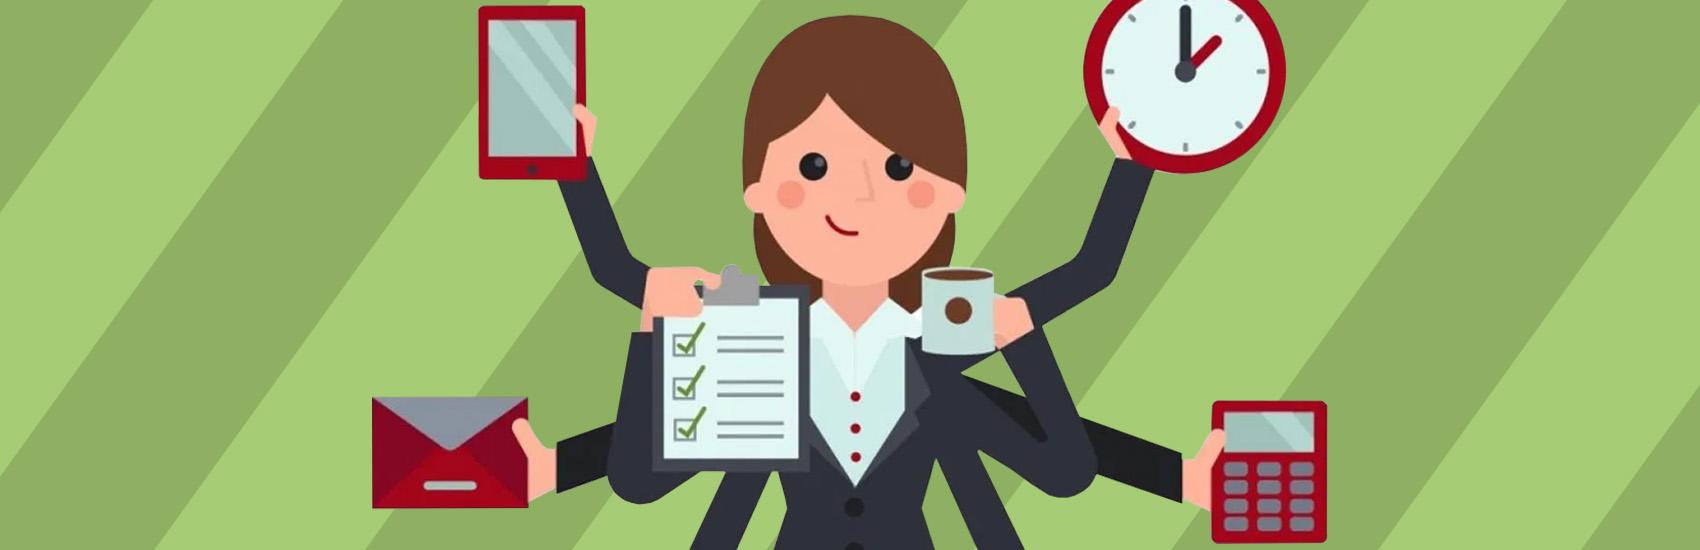 5 причин почему вам нужен удаленный помощник уже сегодня